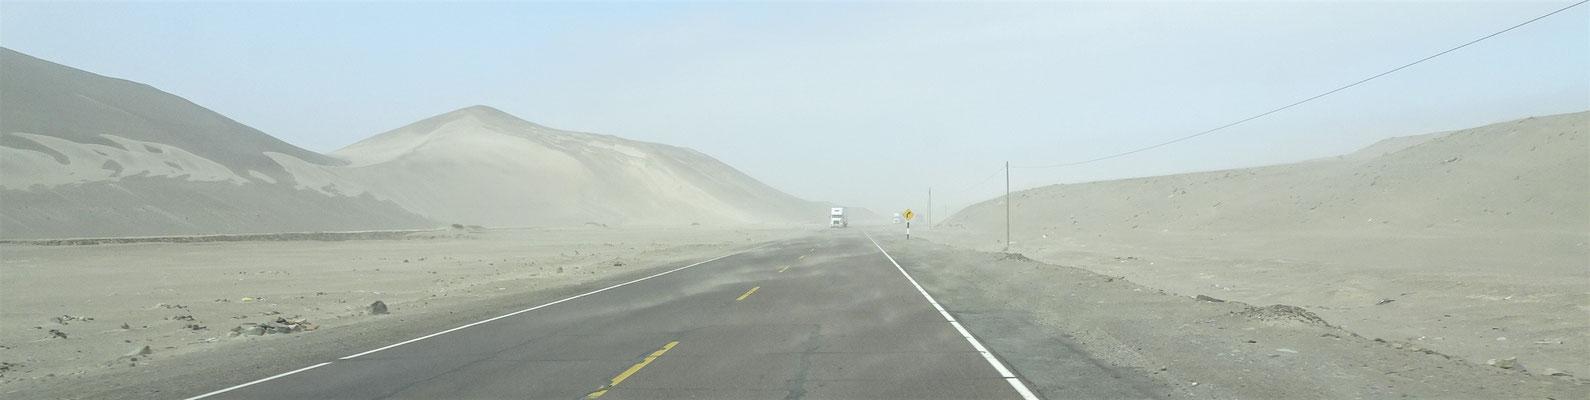 Sandsturm auf der......